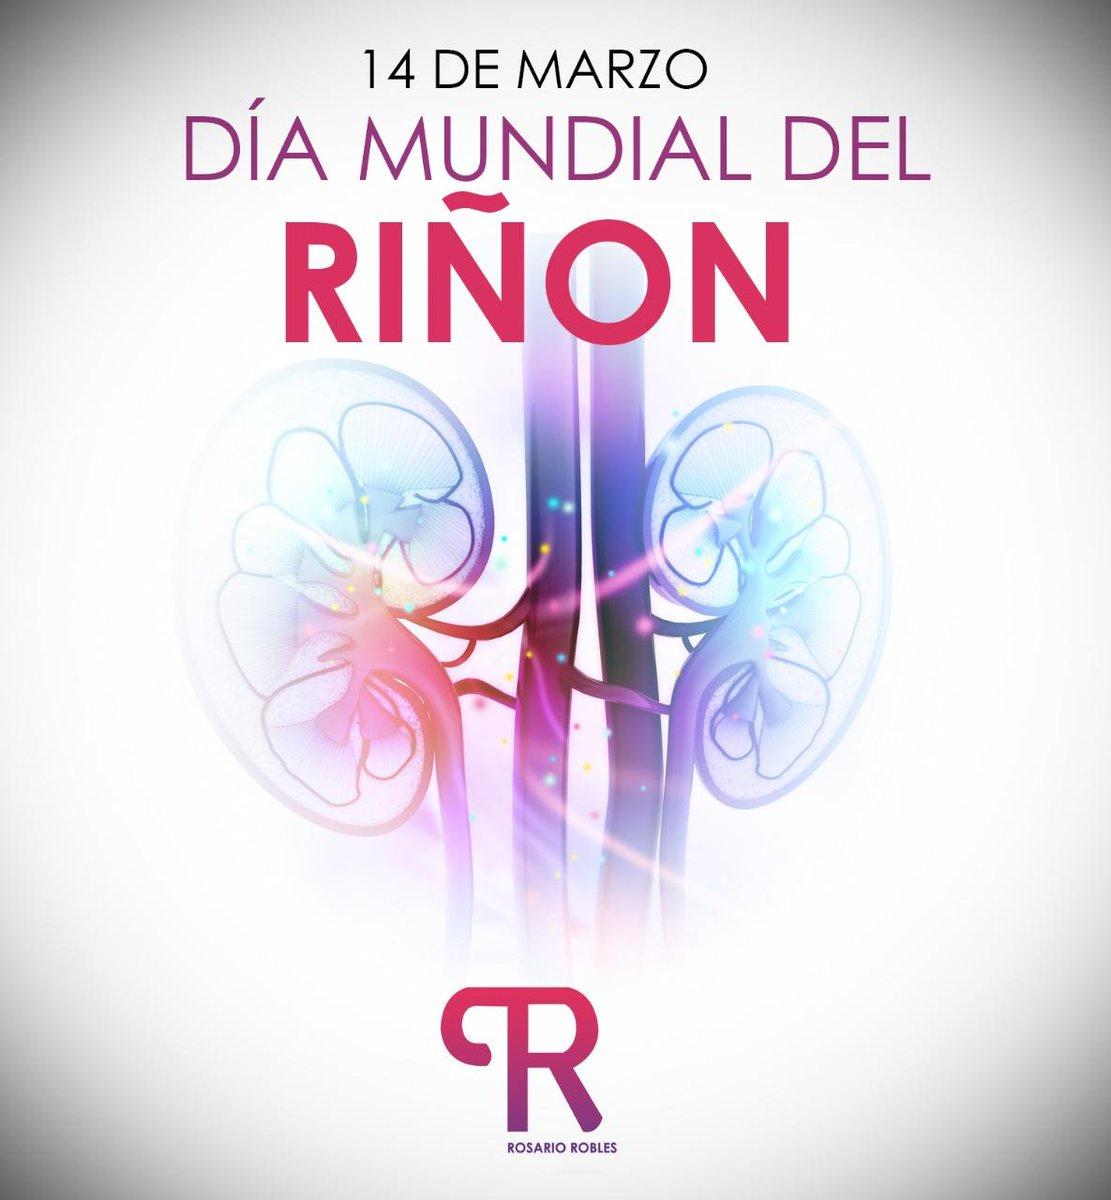 Rosario Robles's photo on #DíaMundialDelRiñón